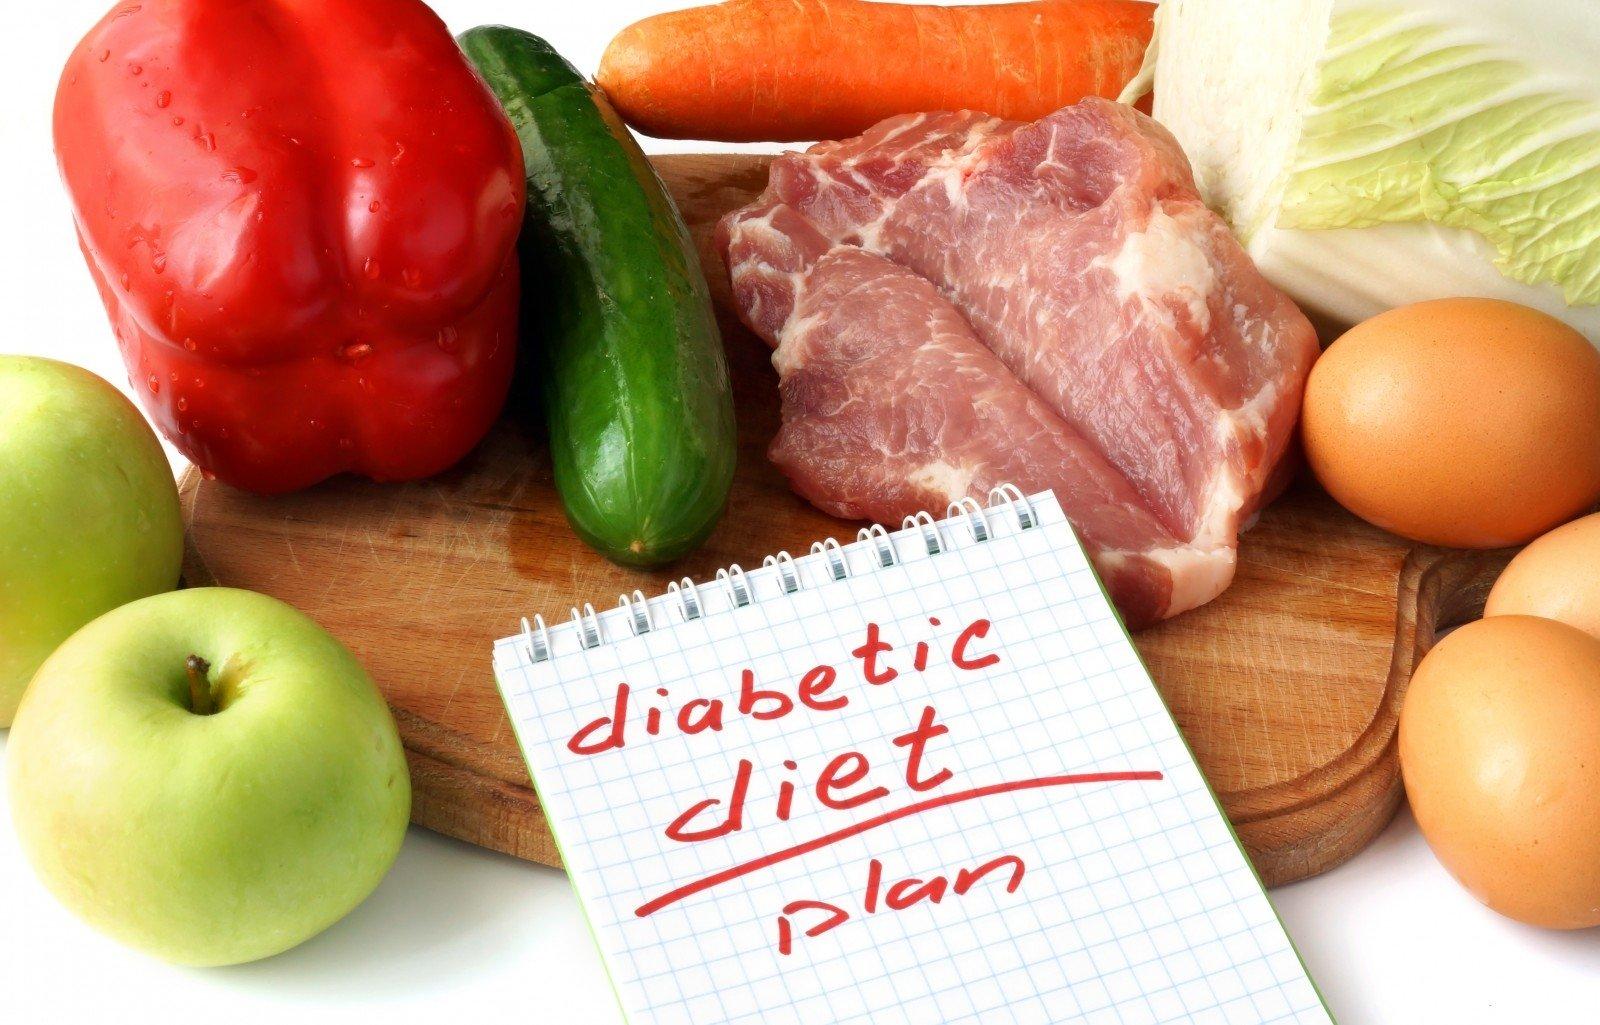 ko negalima gerti ir valgyti sergant hipertenzija